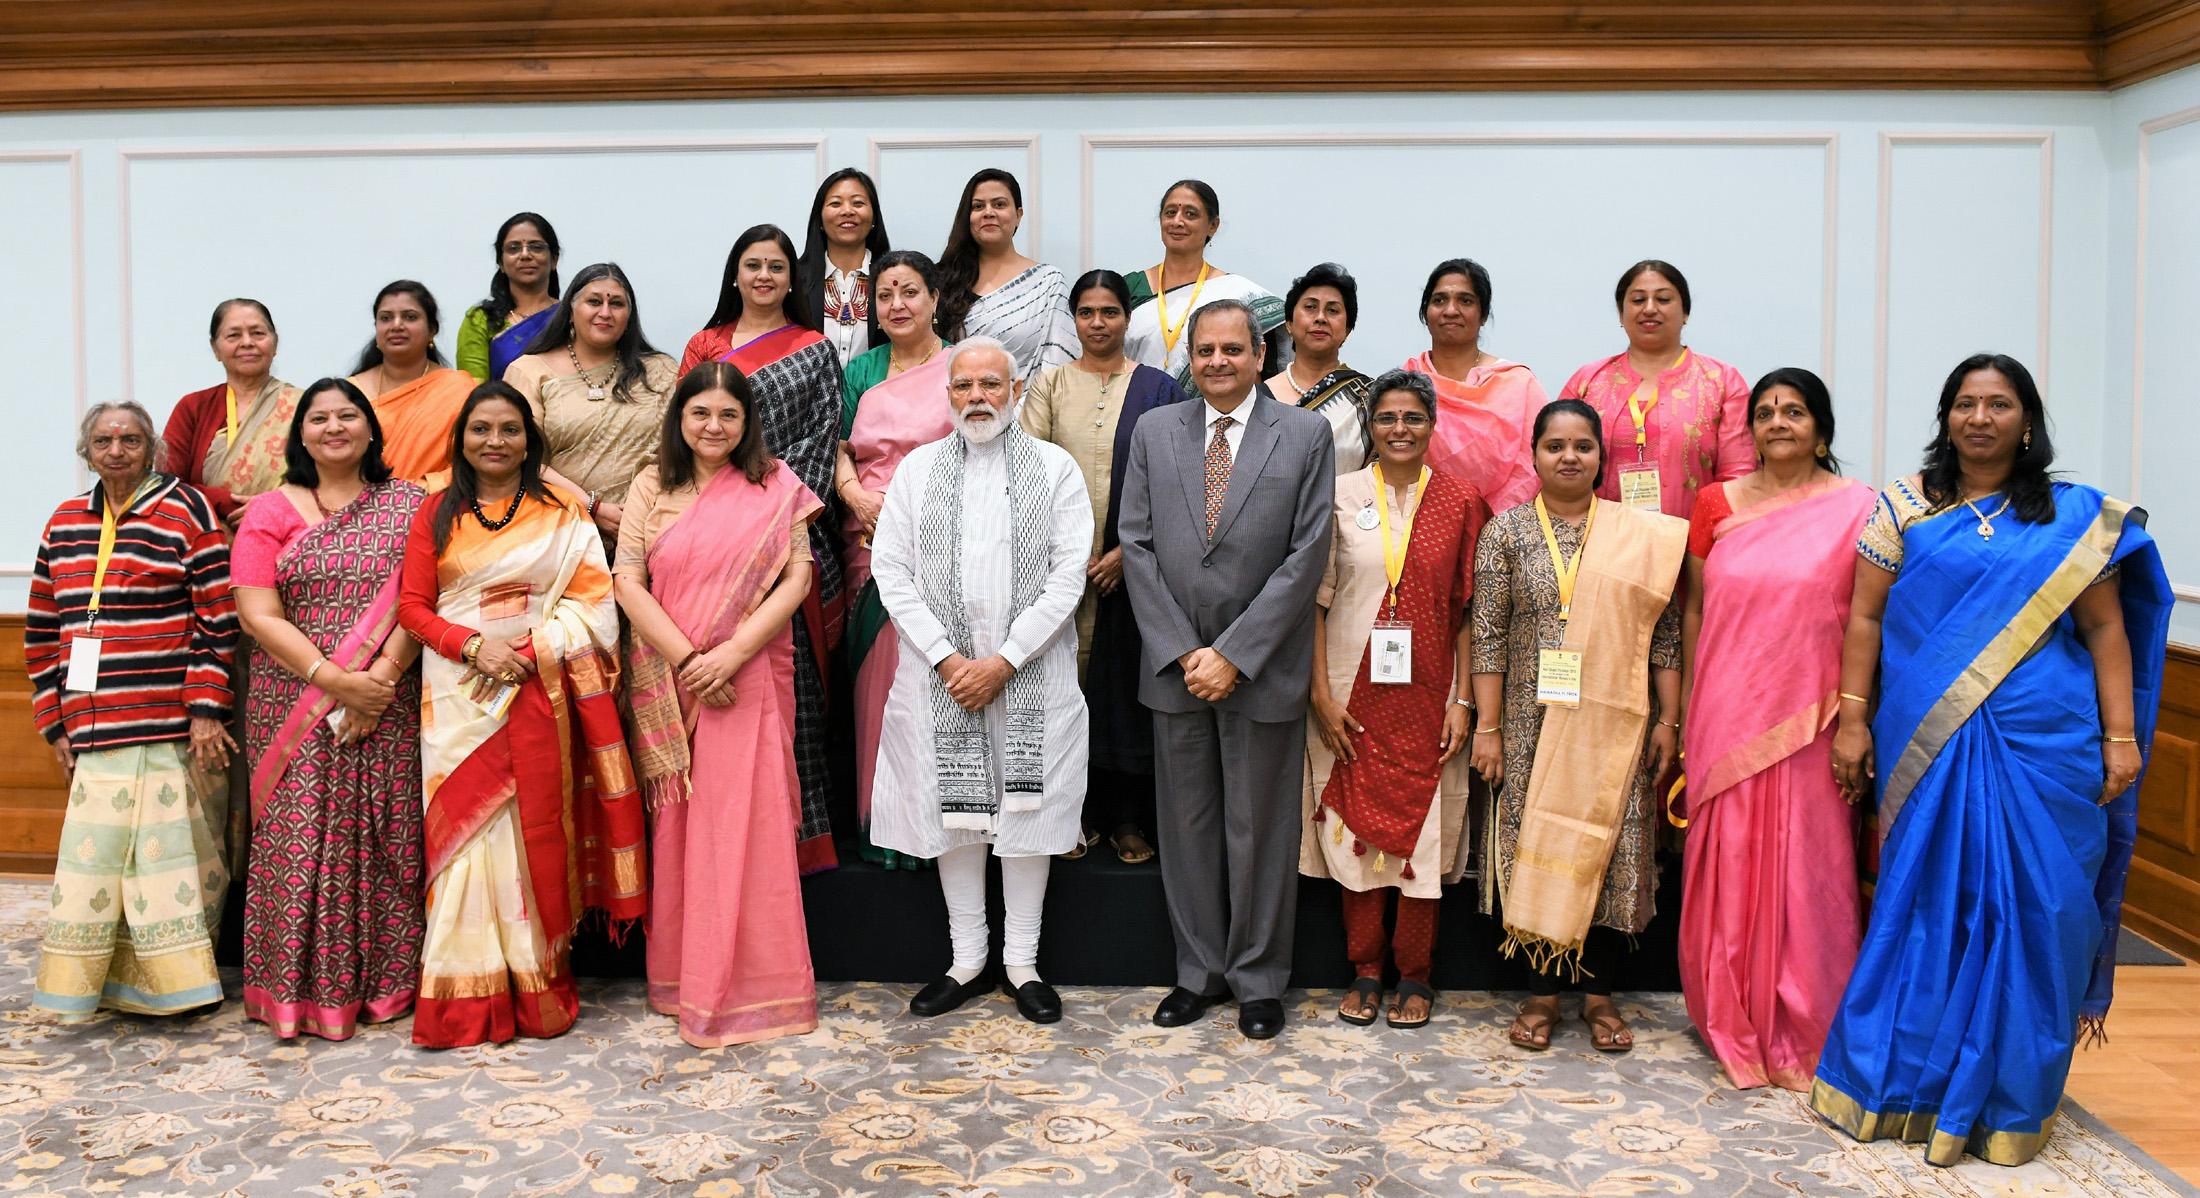 The Prime Minister, Shri Narendra Modi interacting with the recipients of the Nari Shakti Puraskar, in New Delhi on March 09, 2019.